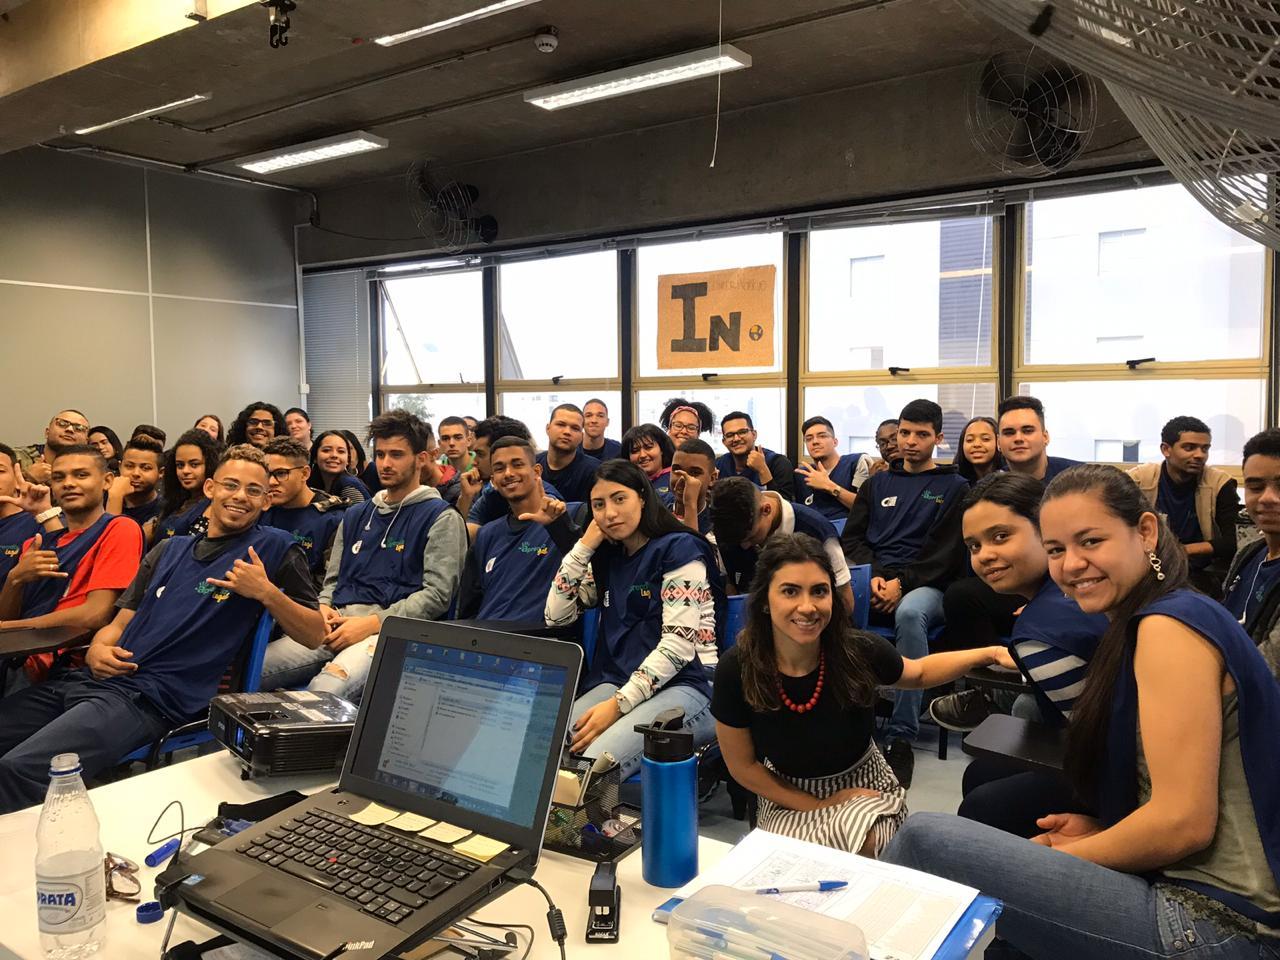 Silvia com turma de alunos do CIEE, onde realizou uma atividade como Embaixadora do Politize!